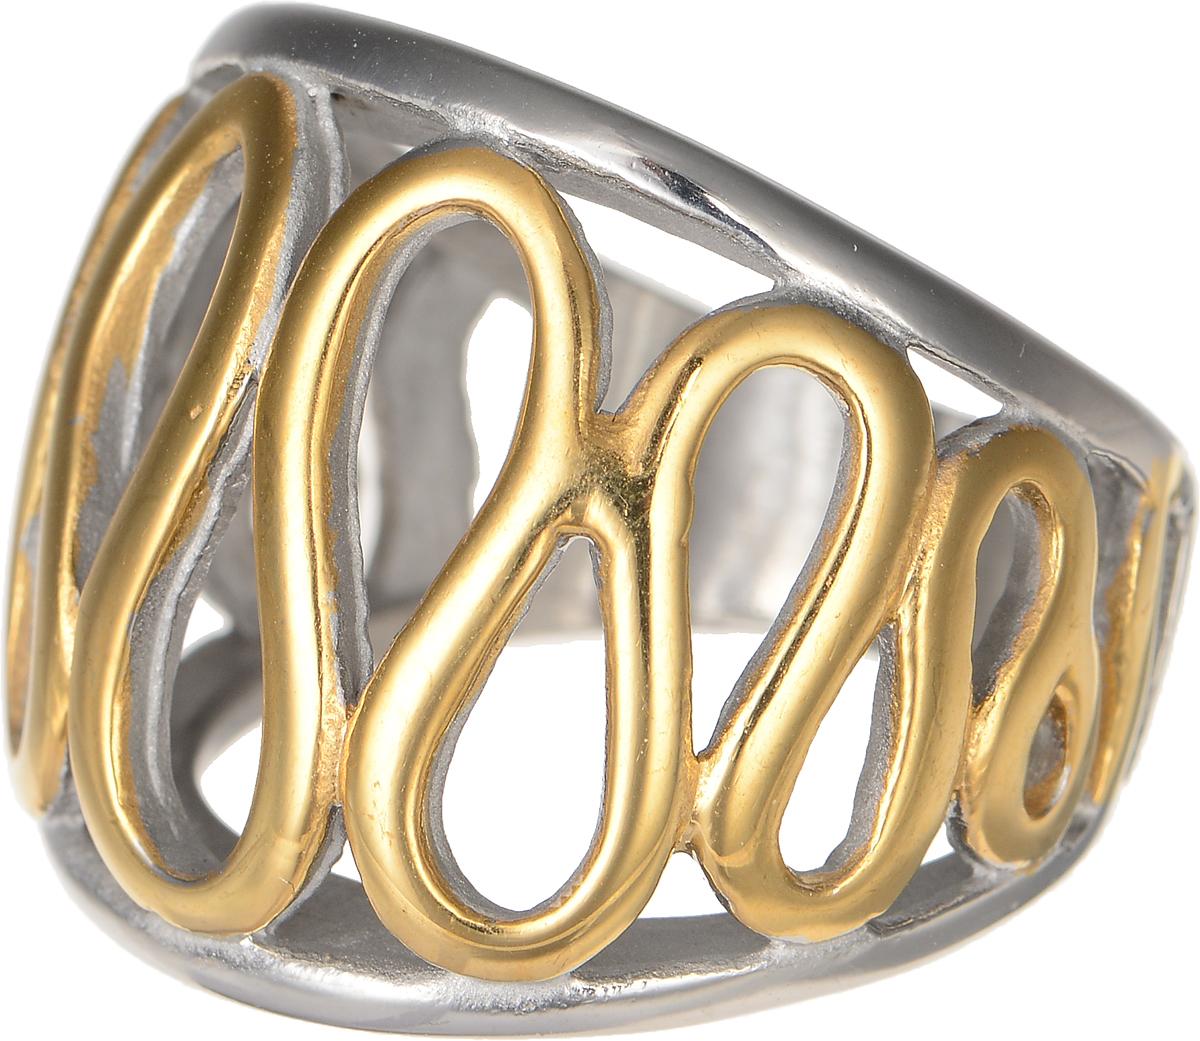 Кольцо Polina Selezneva, цвет: серебристый, золотистый. DG-0011. Размер 17Коктейльное кольцоСтильное кольцо Polina Selezneva изготовлено из качественного металлического сплава и выполнено в оригинальном дизайне. Кольцо оформлено резным узором.